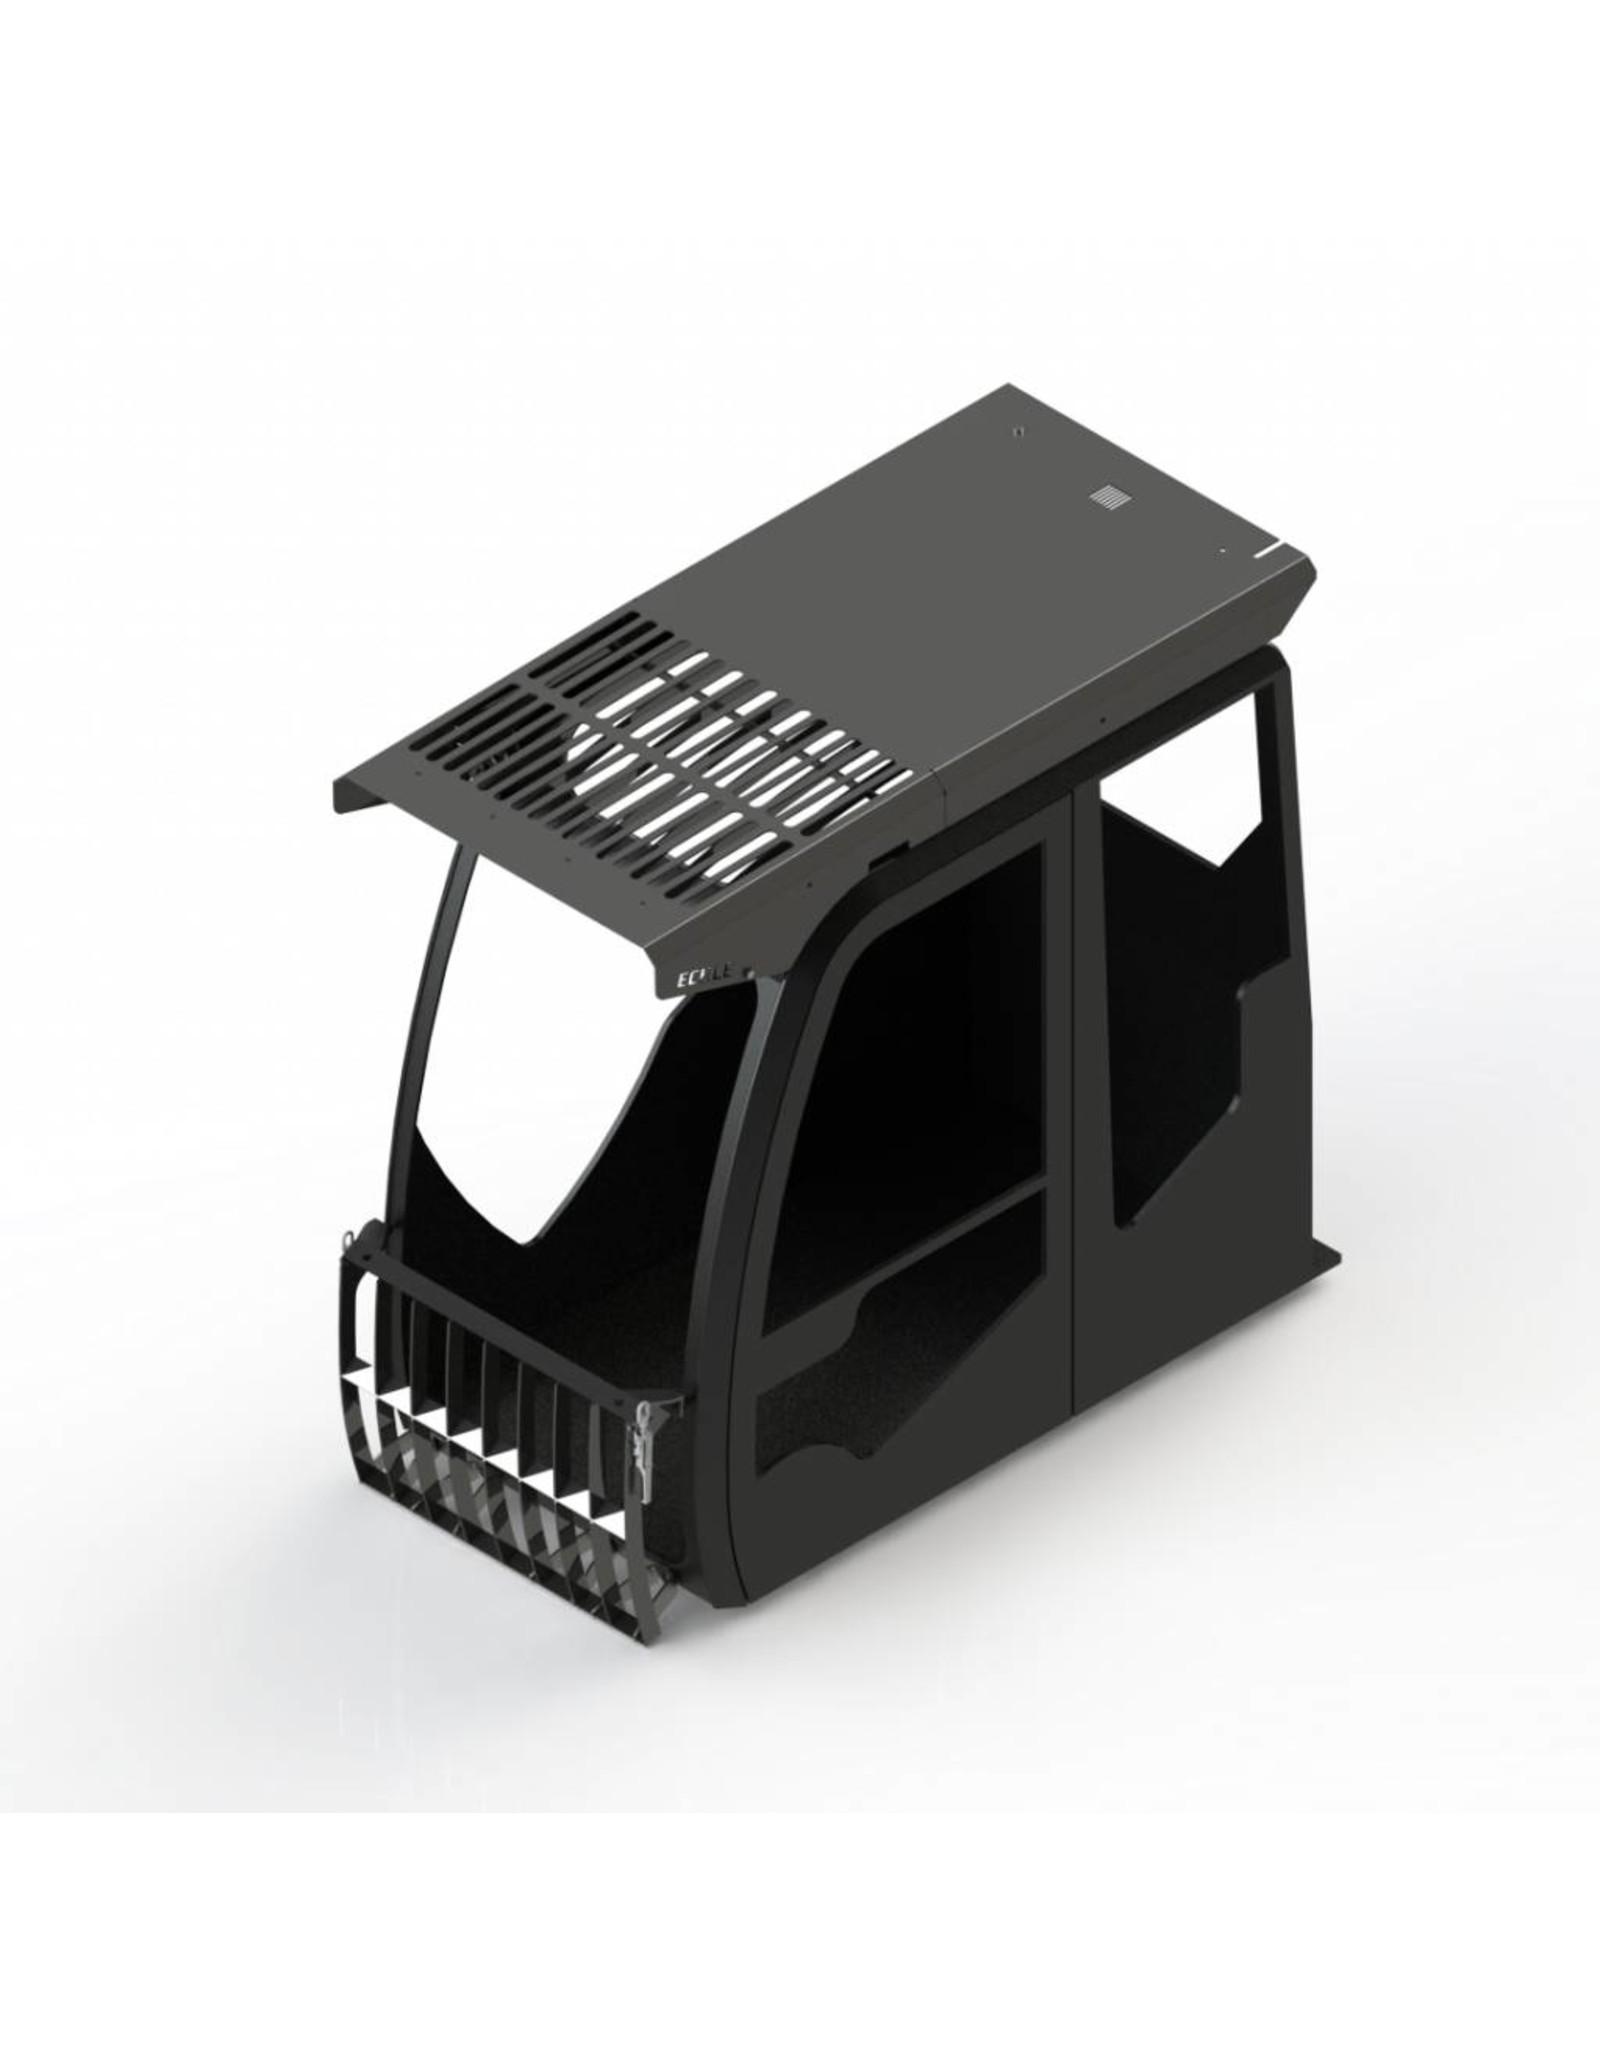 Echle Hartstahl GmbH FOPS für Komatsu HB365LC-3 Hybrid